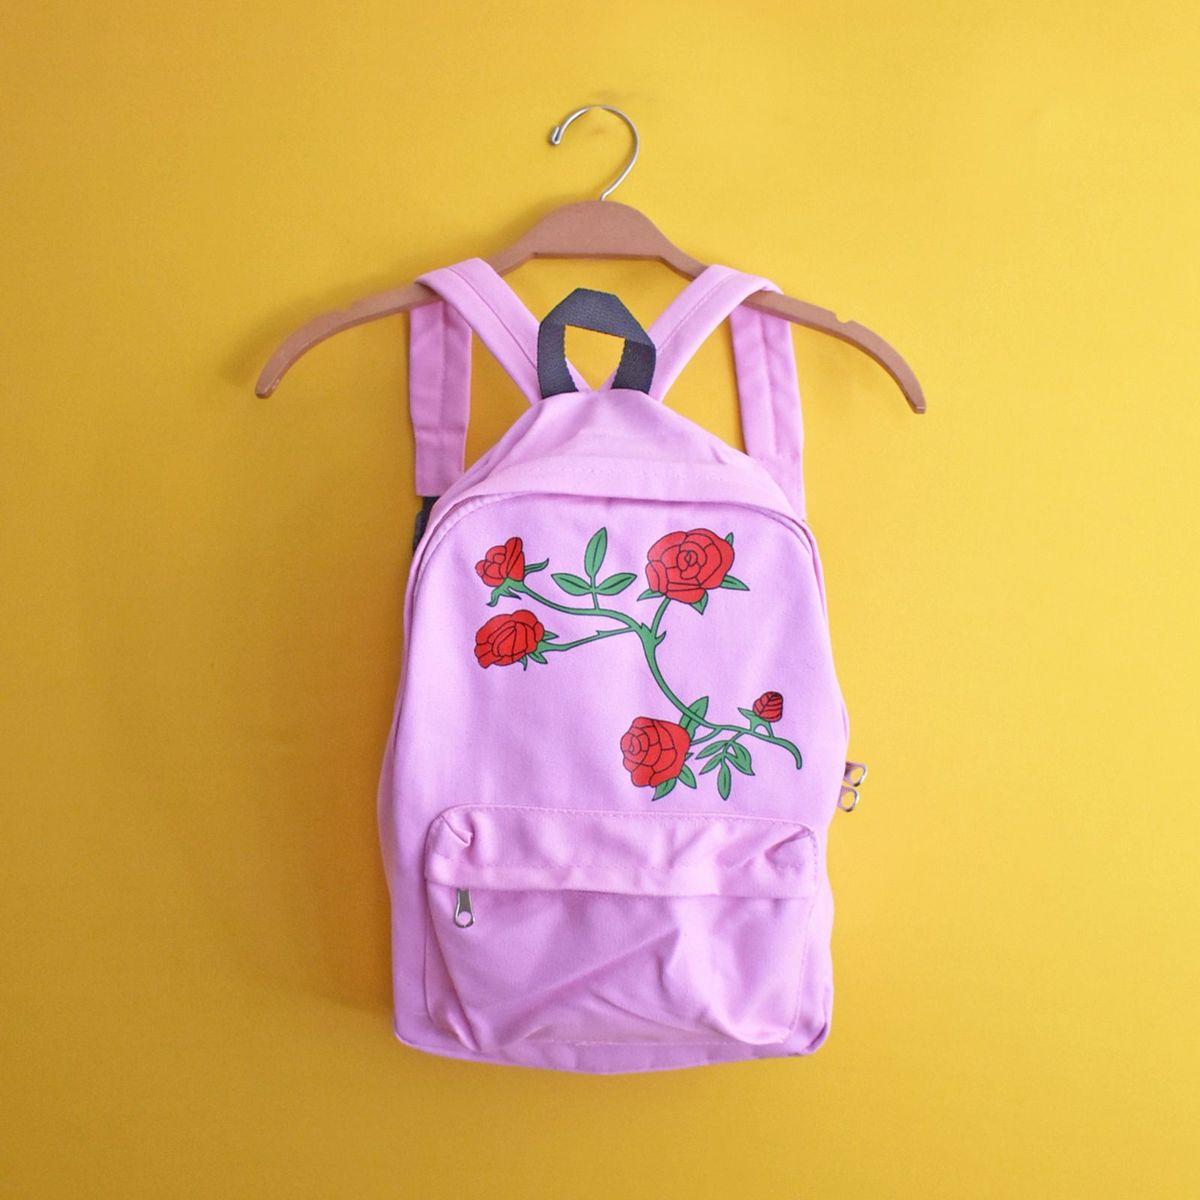 mochila rosas lindas - mochila coisas da dixie